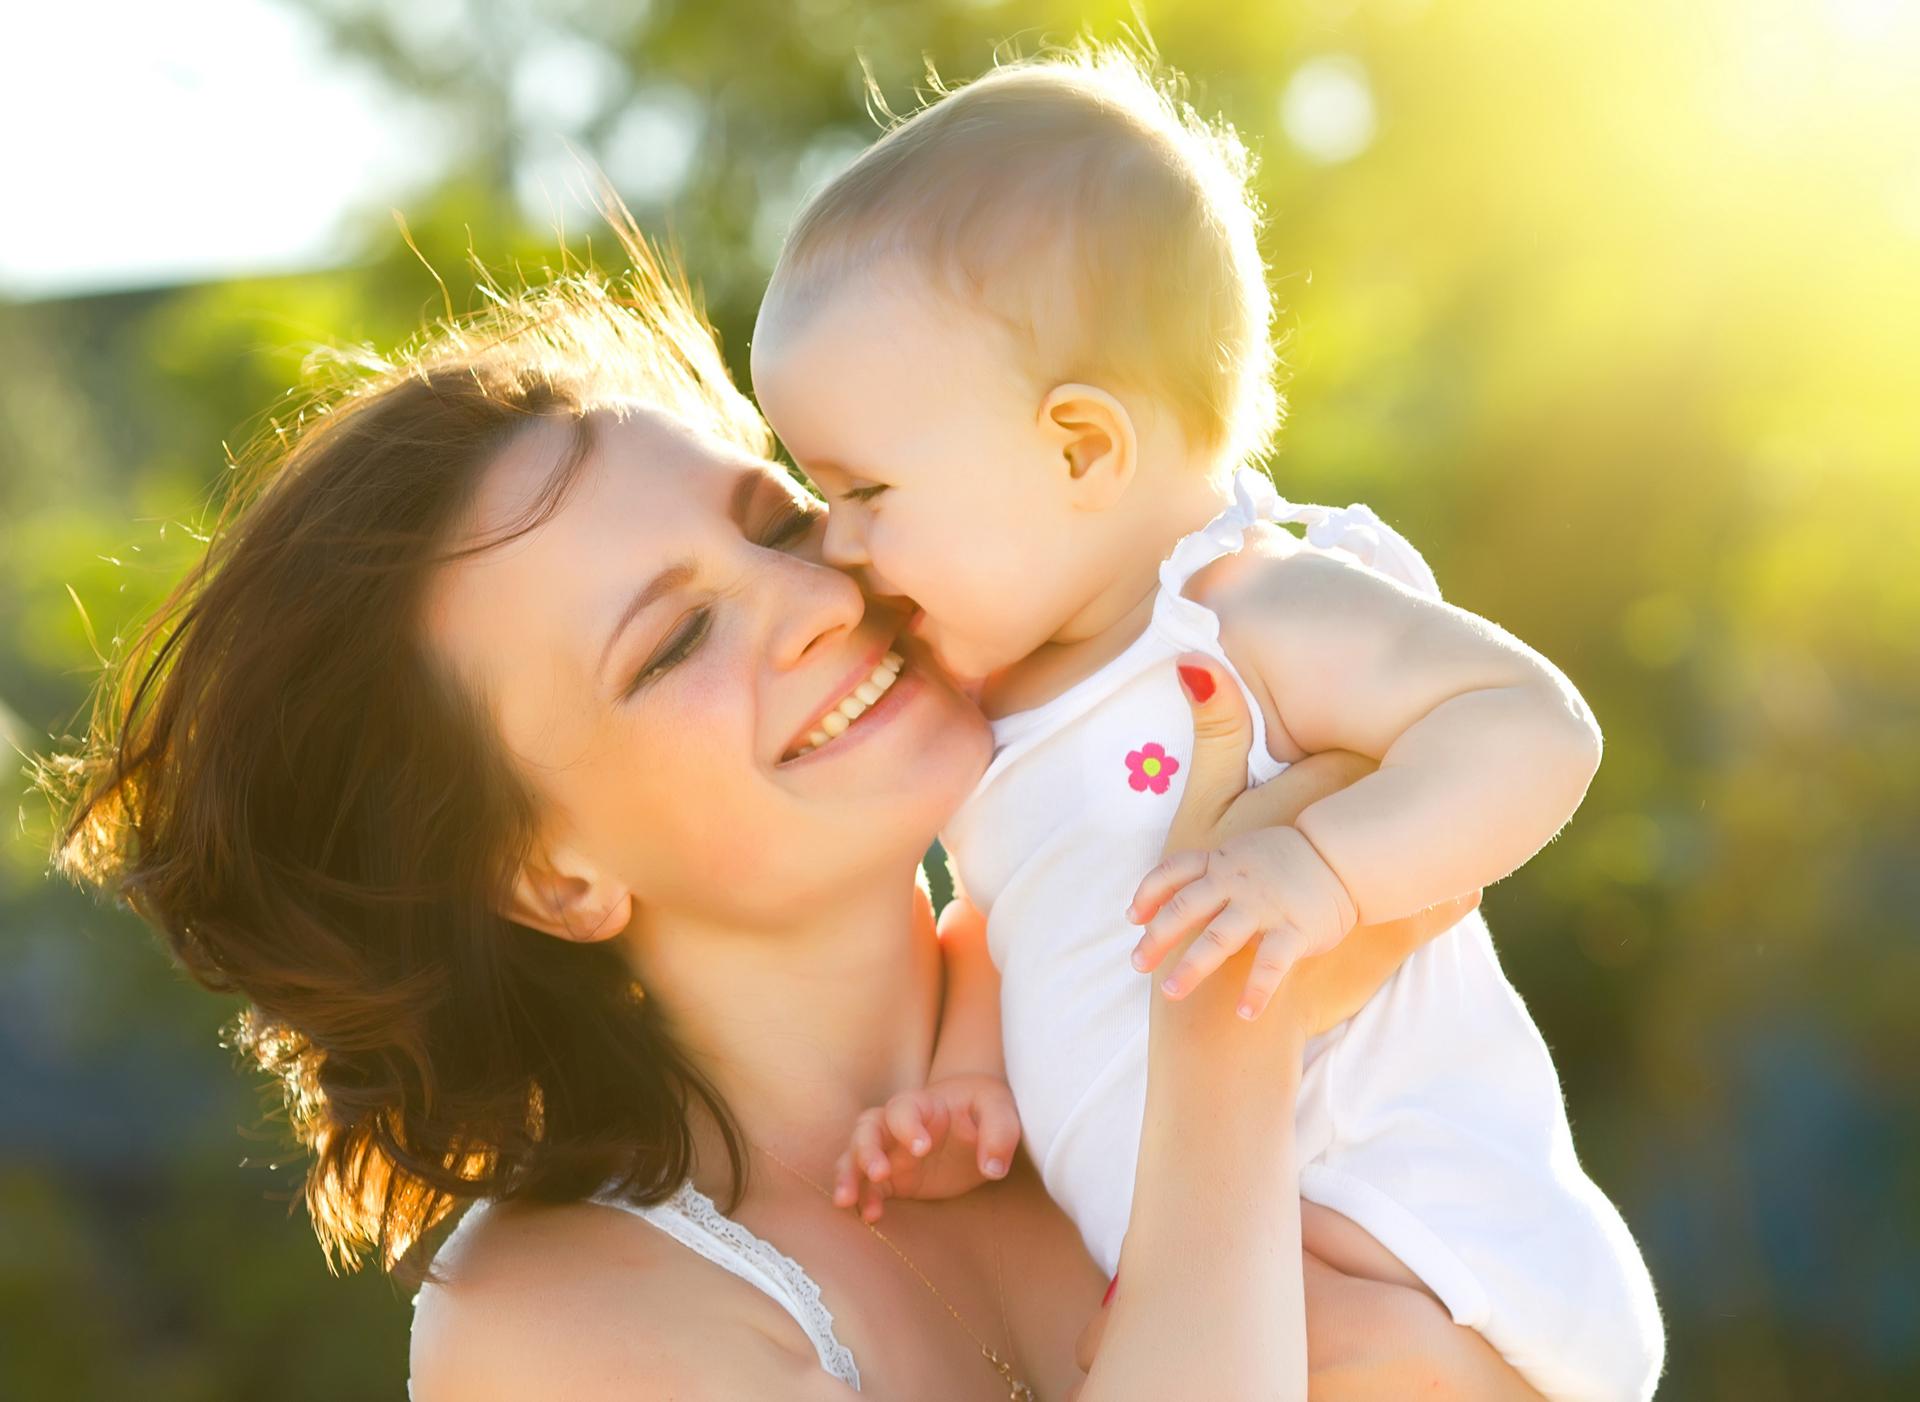 Картинки мама с ребенком на руках в лучах солнца, нарисовать открытку день